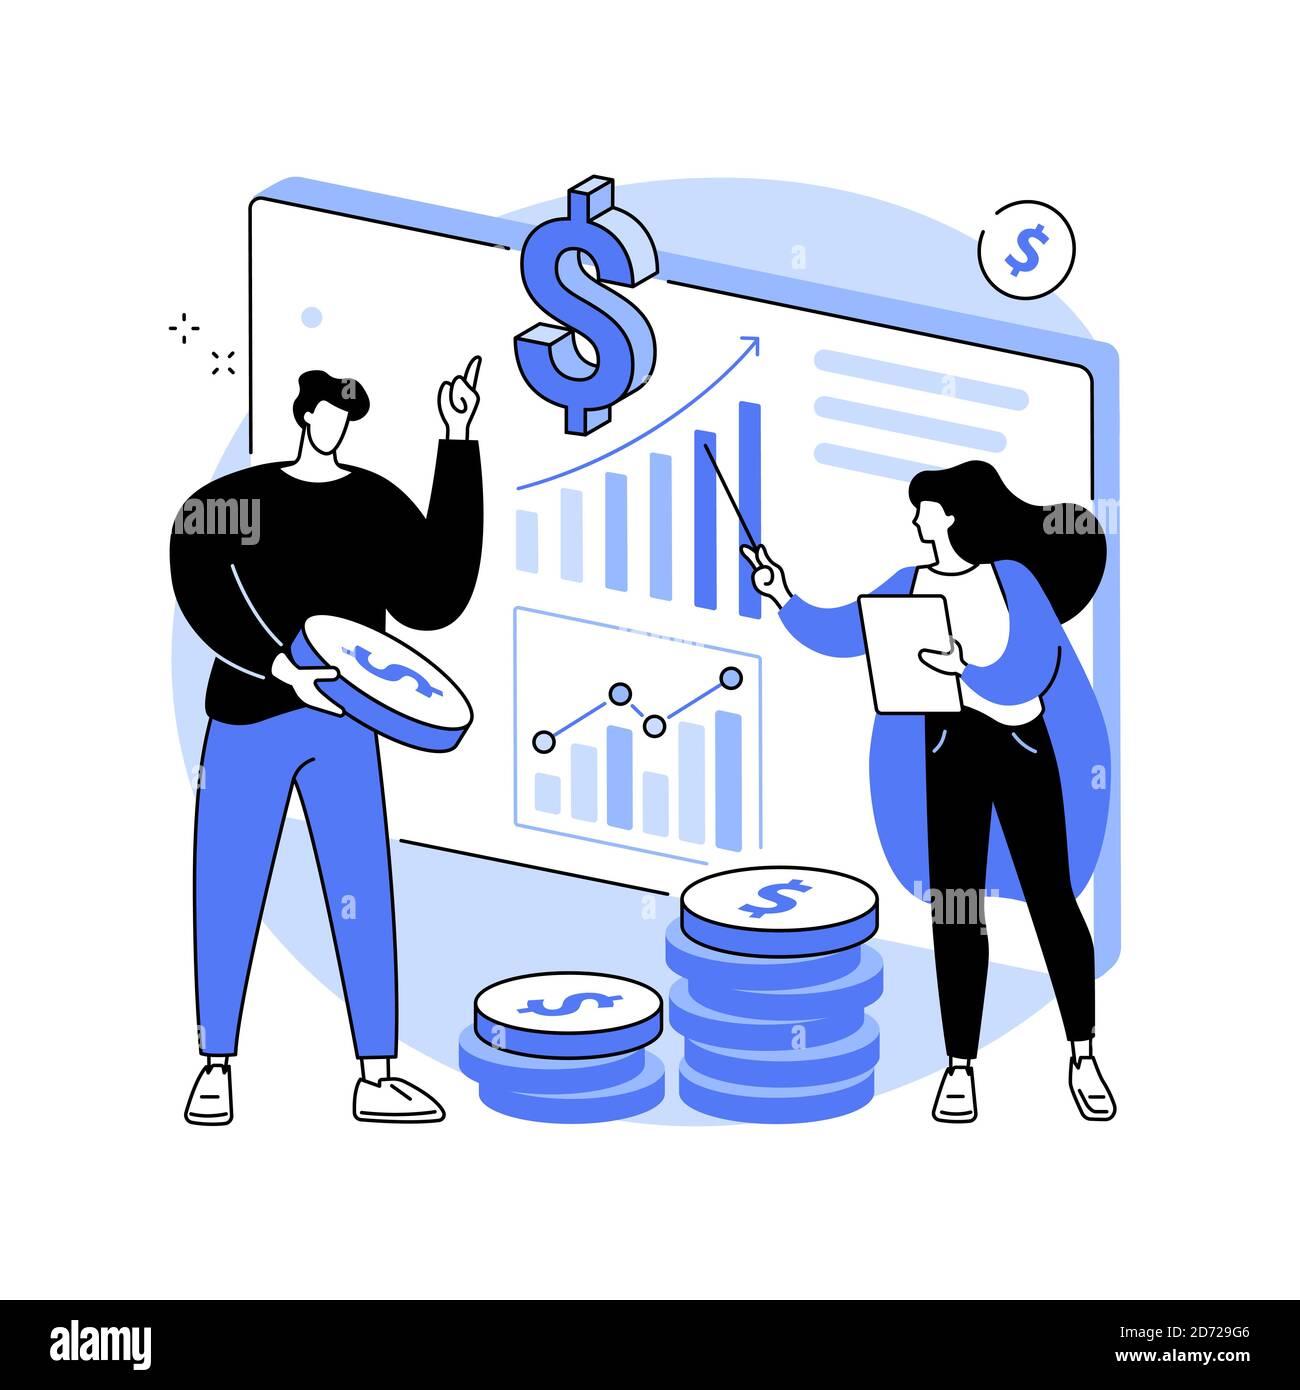 Illustrazione vettoriale del concetto astratto del consulente finanziario. Illustrazione Vettoriale